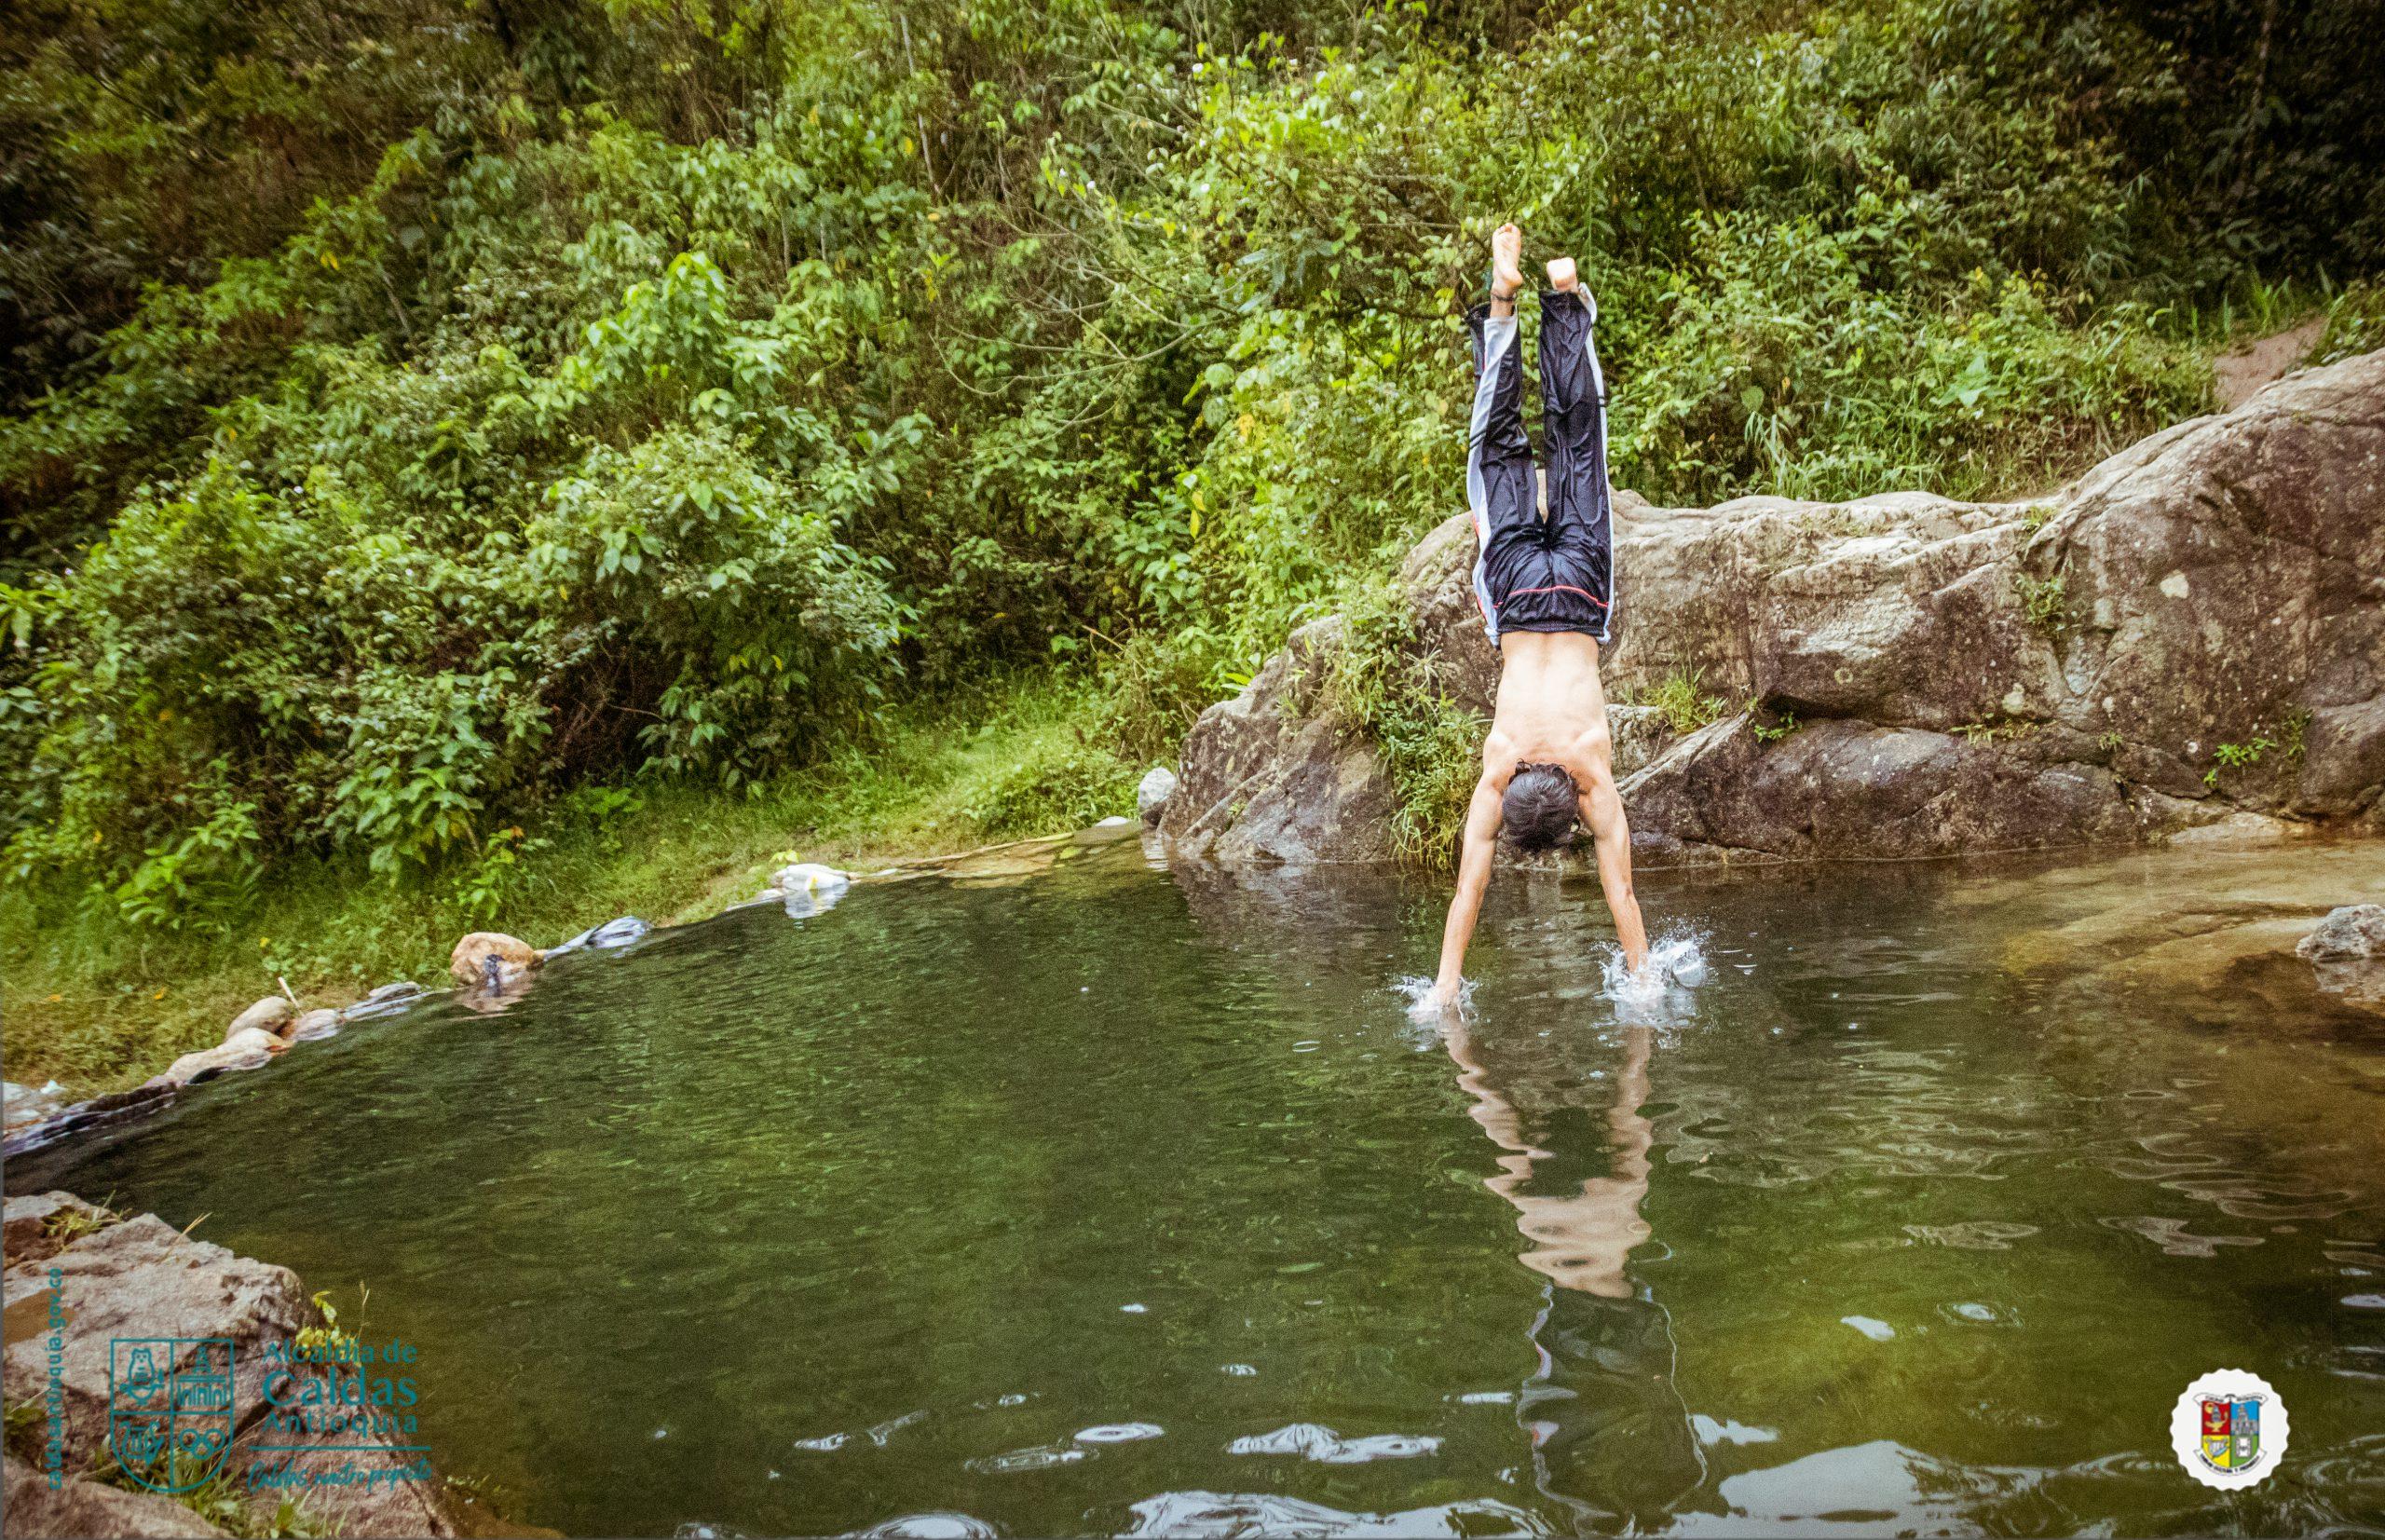 Muchacho parado sobre manos en la orilla de un río